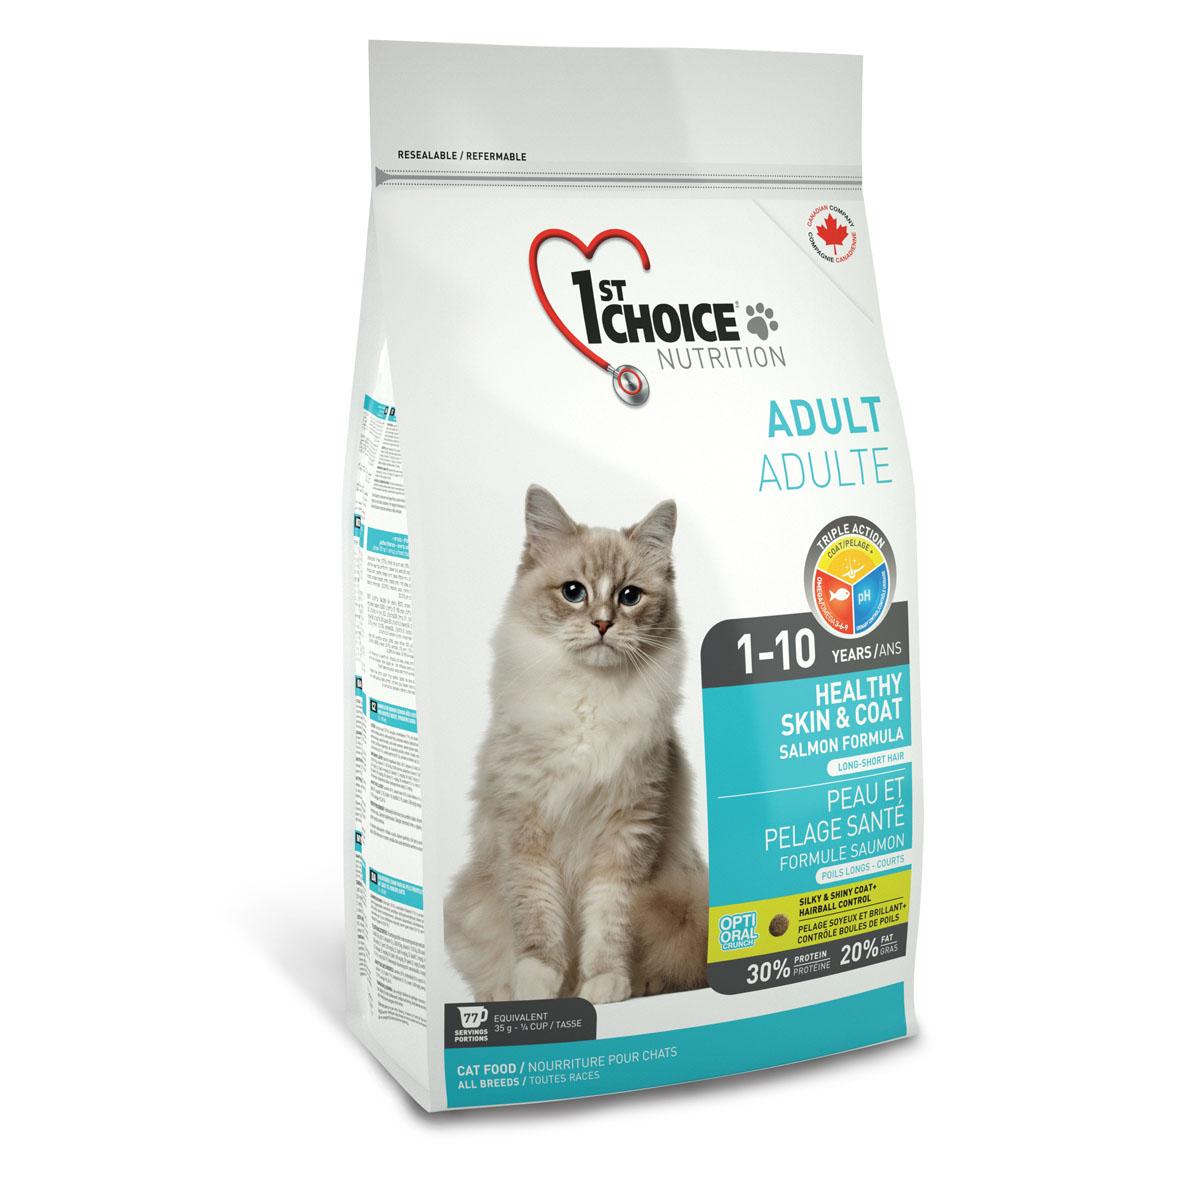 Корм сухой 1st Choice Adult для здоровья шерсти и кожи взрослых кошек, с лососем, 350 г0120710Корм сухой 1st Choice Adult разработан для улучшениясостояния кожи и шерсти взрослых кошек в любое время года, шерсть любой длины становитсямягкой и блестящей. Жир лосося является лучшим источникомОмега 3-6-9жирных кислот, обеспечивающих здоровье кожи. Сочетаниерыбного белка и рыбьего жира гарантирует здоровую и роскошную шерсть.Свежий лосось - главный ингредиент, который понравится даже самымпривередливым гурманам.Ингредиенты: свежий лосось 18%, мука из сельди менхаден 17%, рис, гороховыйпротеин, куриный жир, сохраненный смесью натуральных токоферолов (витаминЕ), сушеное яйцо, мякоть свеклы, клетчатка гороха, гидролизат куриной печени,коричневый рис, специально обработанные ядра ячменя и овса, цельное семяльна, жир лосося, сушеная мякоть томата, калия хлорид, лецитин, кальциякарбонат, холина хлорид, соль, кальция пропионат, натрия бисульфат, таурин,DL- метионин, L-лизин, экстракт дрожжей, железа сульфат, аскорбиноваякислота (витамин С), экстракт цикория, цинка оксид, натрия селенит, альфа-токоферол ацетат (витамин Е), никотиновая кислота, экстракт юкки Шидигера, L-цистин, кальция иодат, марганца оксид, L-карнитин, D-кальция пантотенат,тиамина мононитрат, рибофлавин, пиридоксина гидрохлорид, витамин А,холекальциферол (витамин Д3), биотин, сушеная мята 0,01%, сушеная петрушка0,01%, экстракт зеленого чая 0,01%, цинка протеинат, витамин В12, кобальтакарбонат, фолиевая кислота, марганца протеинат, меди протеинат.Гарантированный анализ: сырой протеин мин. 30%, сырой жир мин. 20%, сыраяклетчатка макс. 6%, влага макс. 10%, зола макс. 9%, кальций мин. 1,2%, фосформин. 1%, марганец макс. 0,1%, таурин 2600 мг/кг, витамин А мин. 34 000 МЕ/кг,витамин Д3 мин. 2 000 МЕ/кг, витамин Е мин. 150 МЕ/кг, омега-3 жирные кислоты1,92%, омега-6 жирные кислоты 9,19%, омега-9 жирные кислоты 0,26%. Энергетическая ценность: 455 ккал/мерный стакан/ 250 мл - 3639 ккал. Товар сертифицирован.